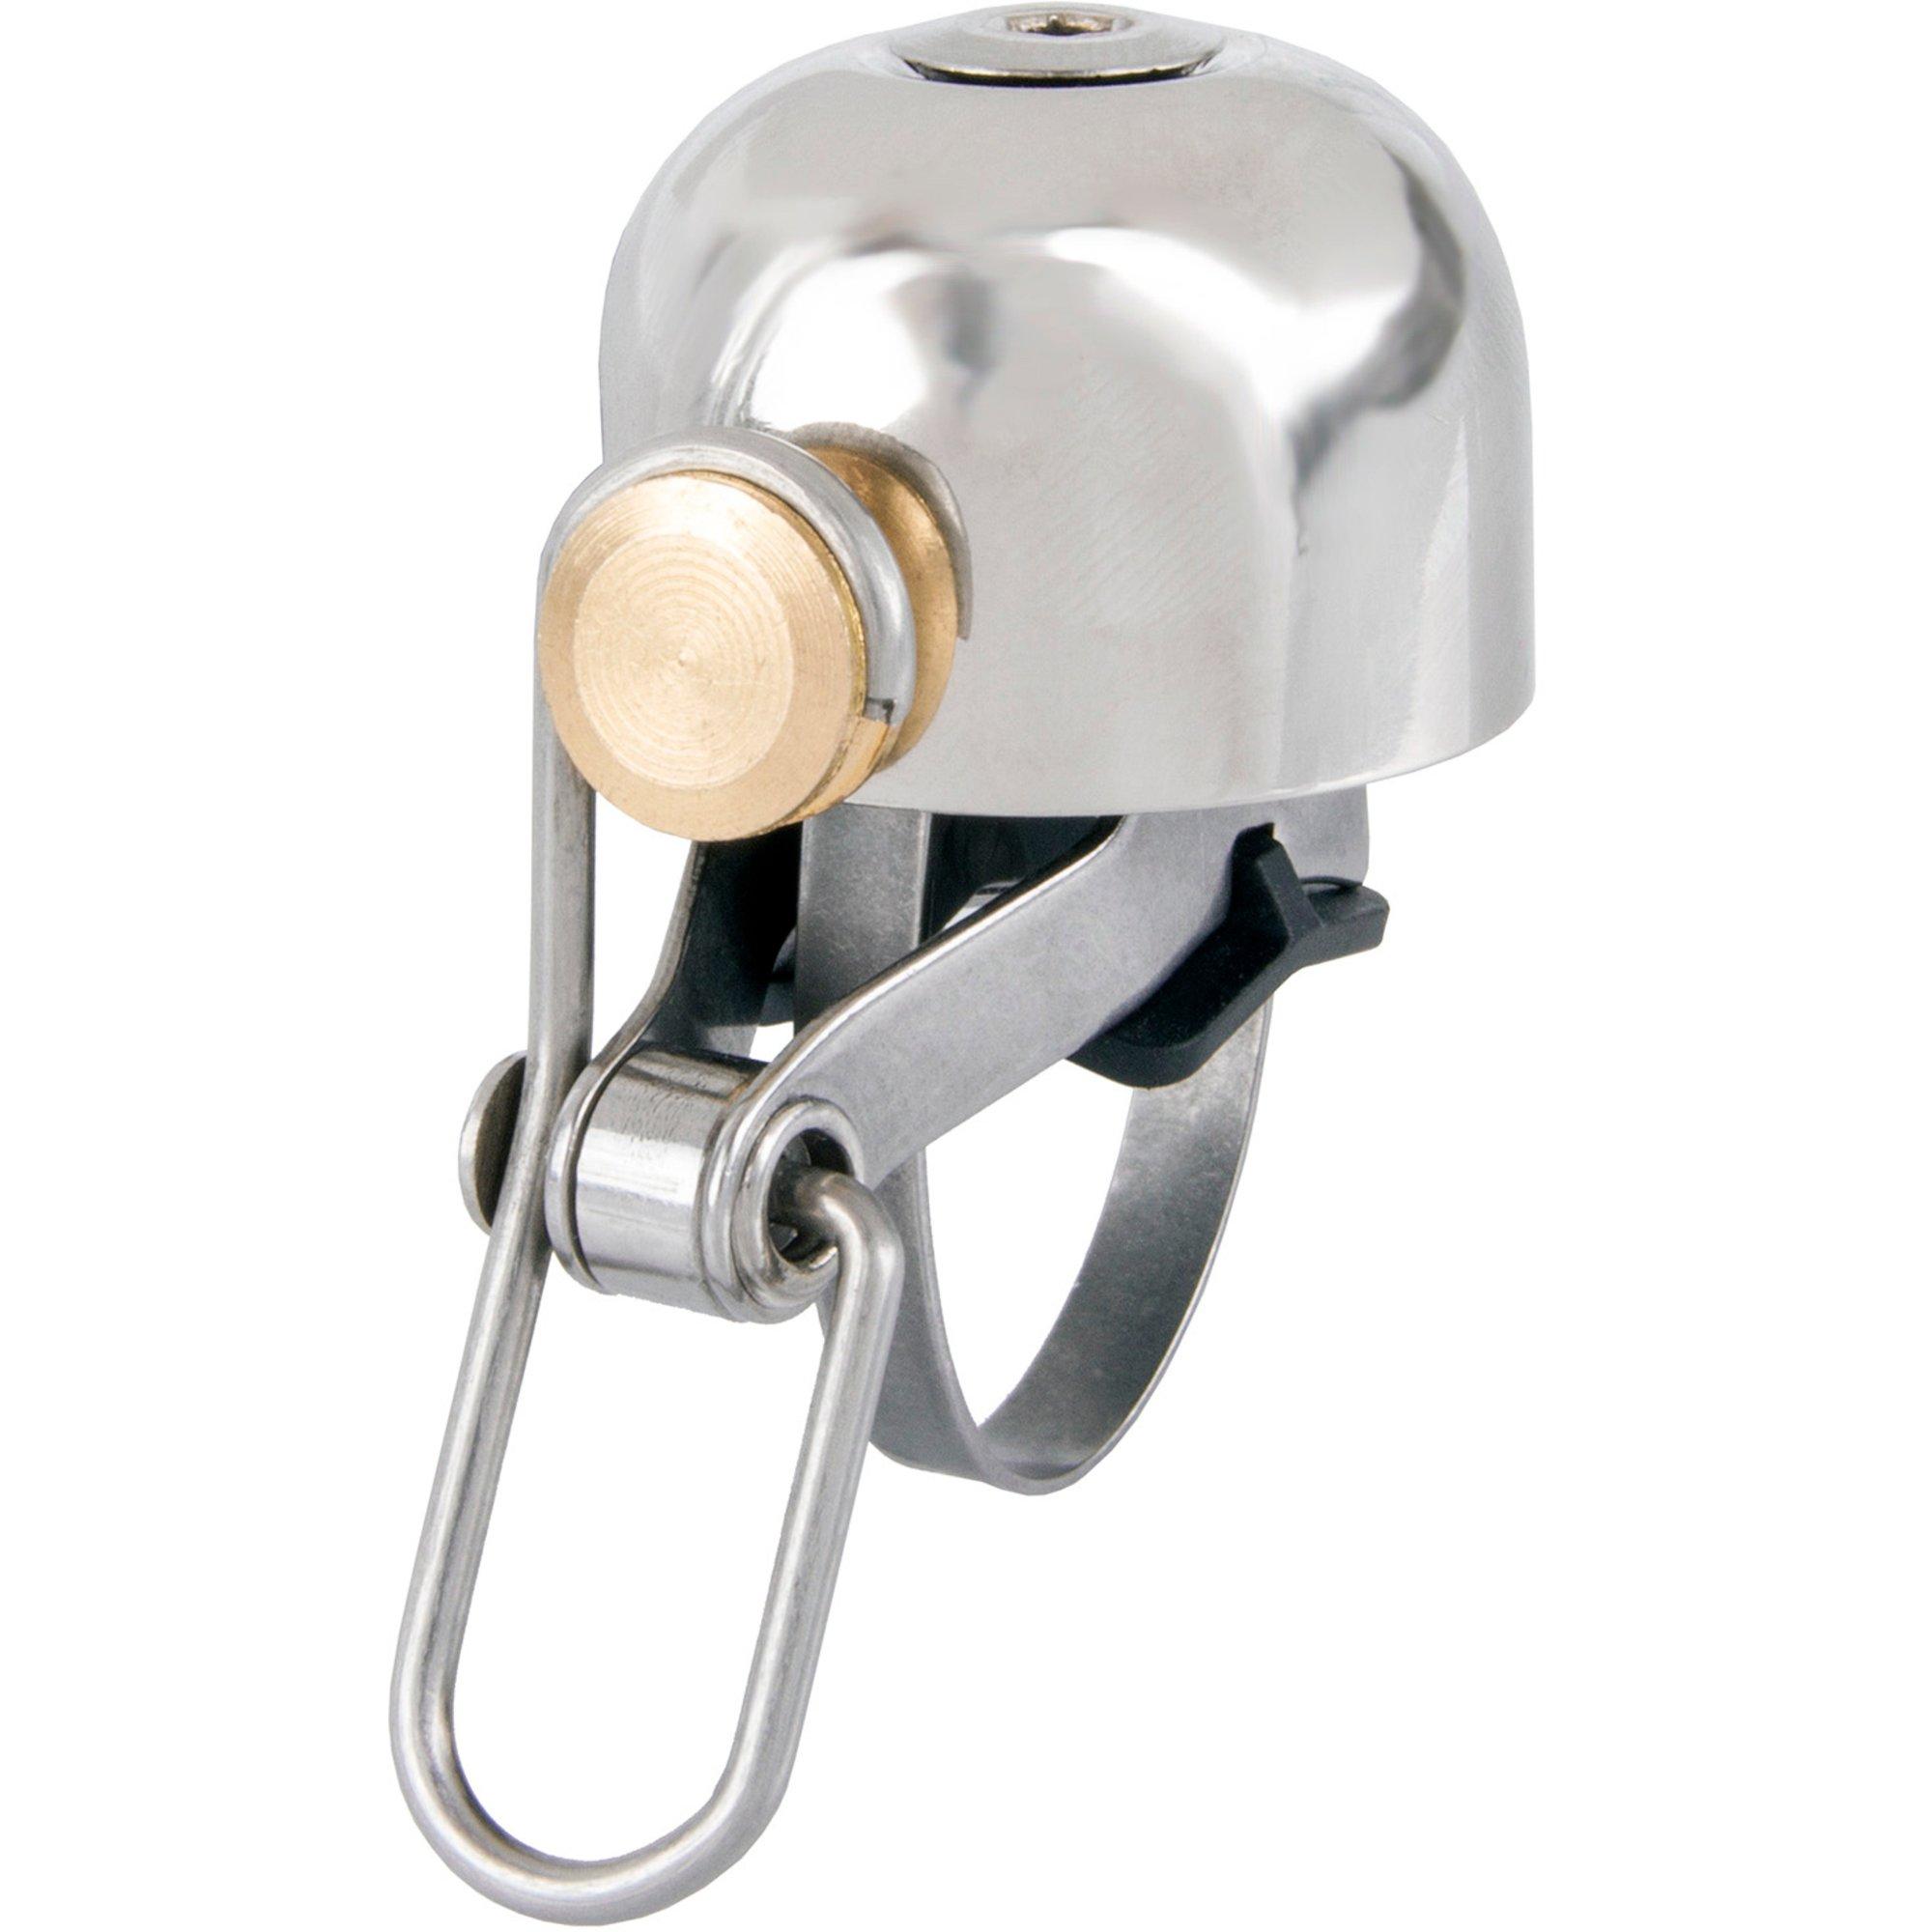 Witt Retro Bell ringklocka, silver